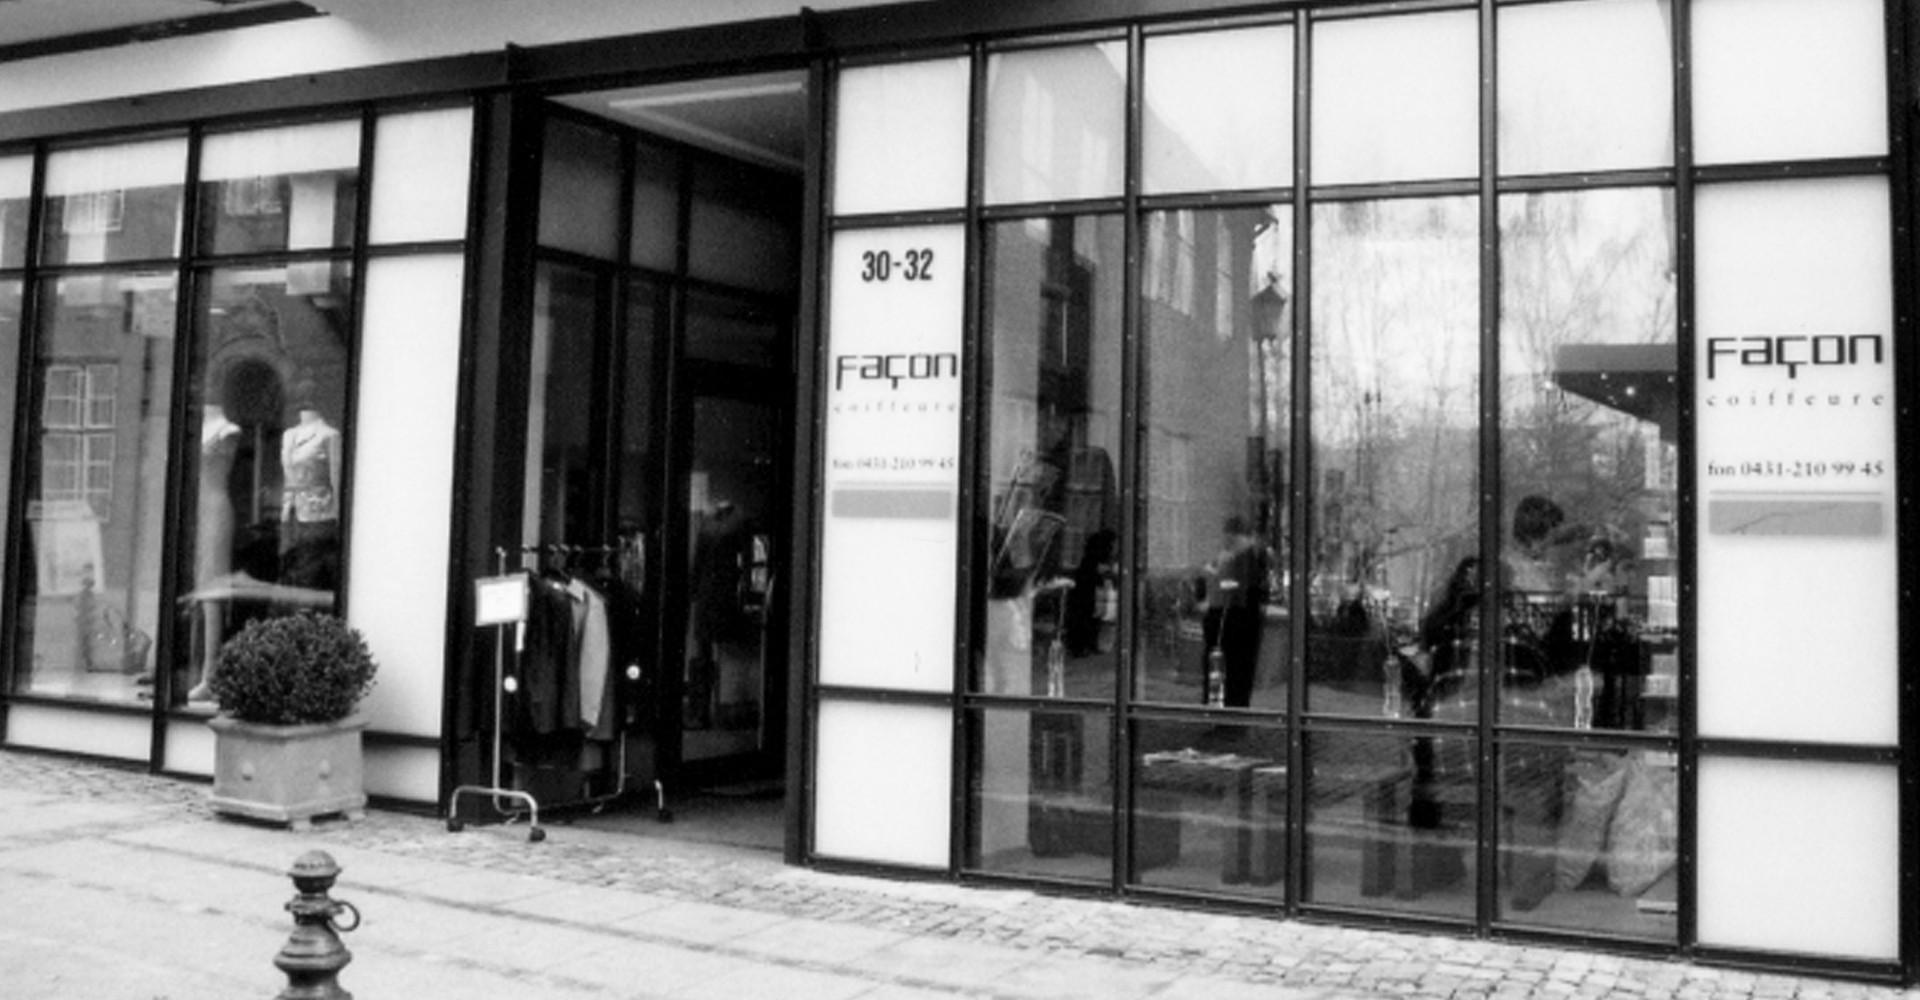 Home Facon Coiffeur Friseur Kiel Eckernfördefacon